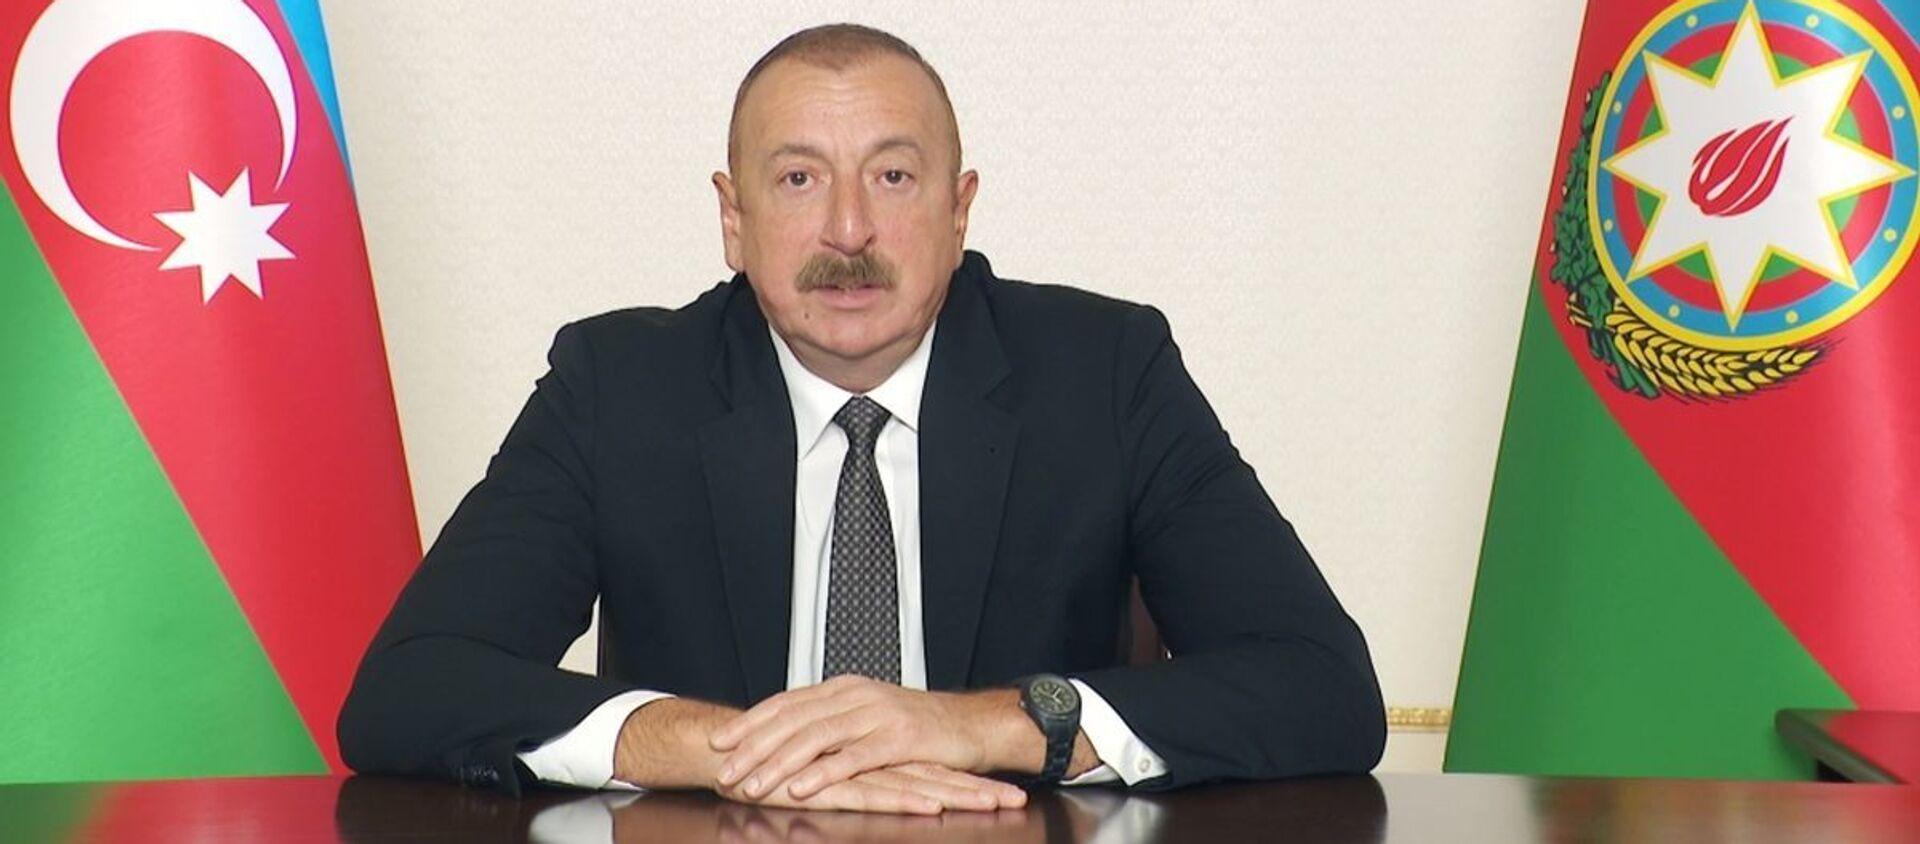 Президент Азербайджана Ильхам Алиев - Sputnik Азербайджан, 1920, 06.04.2021